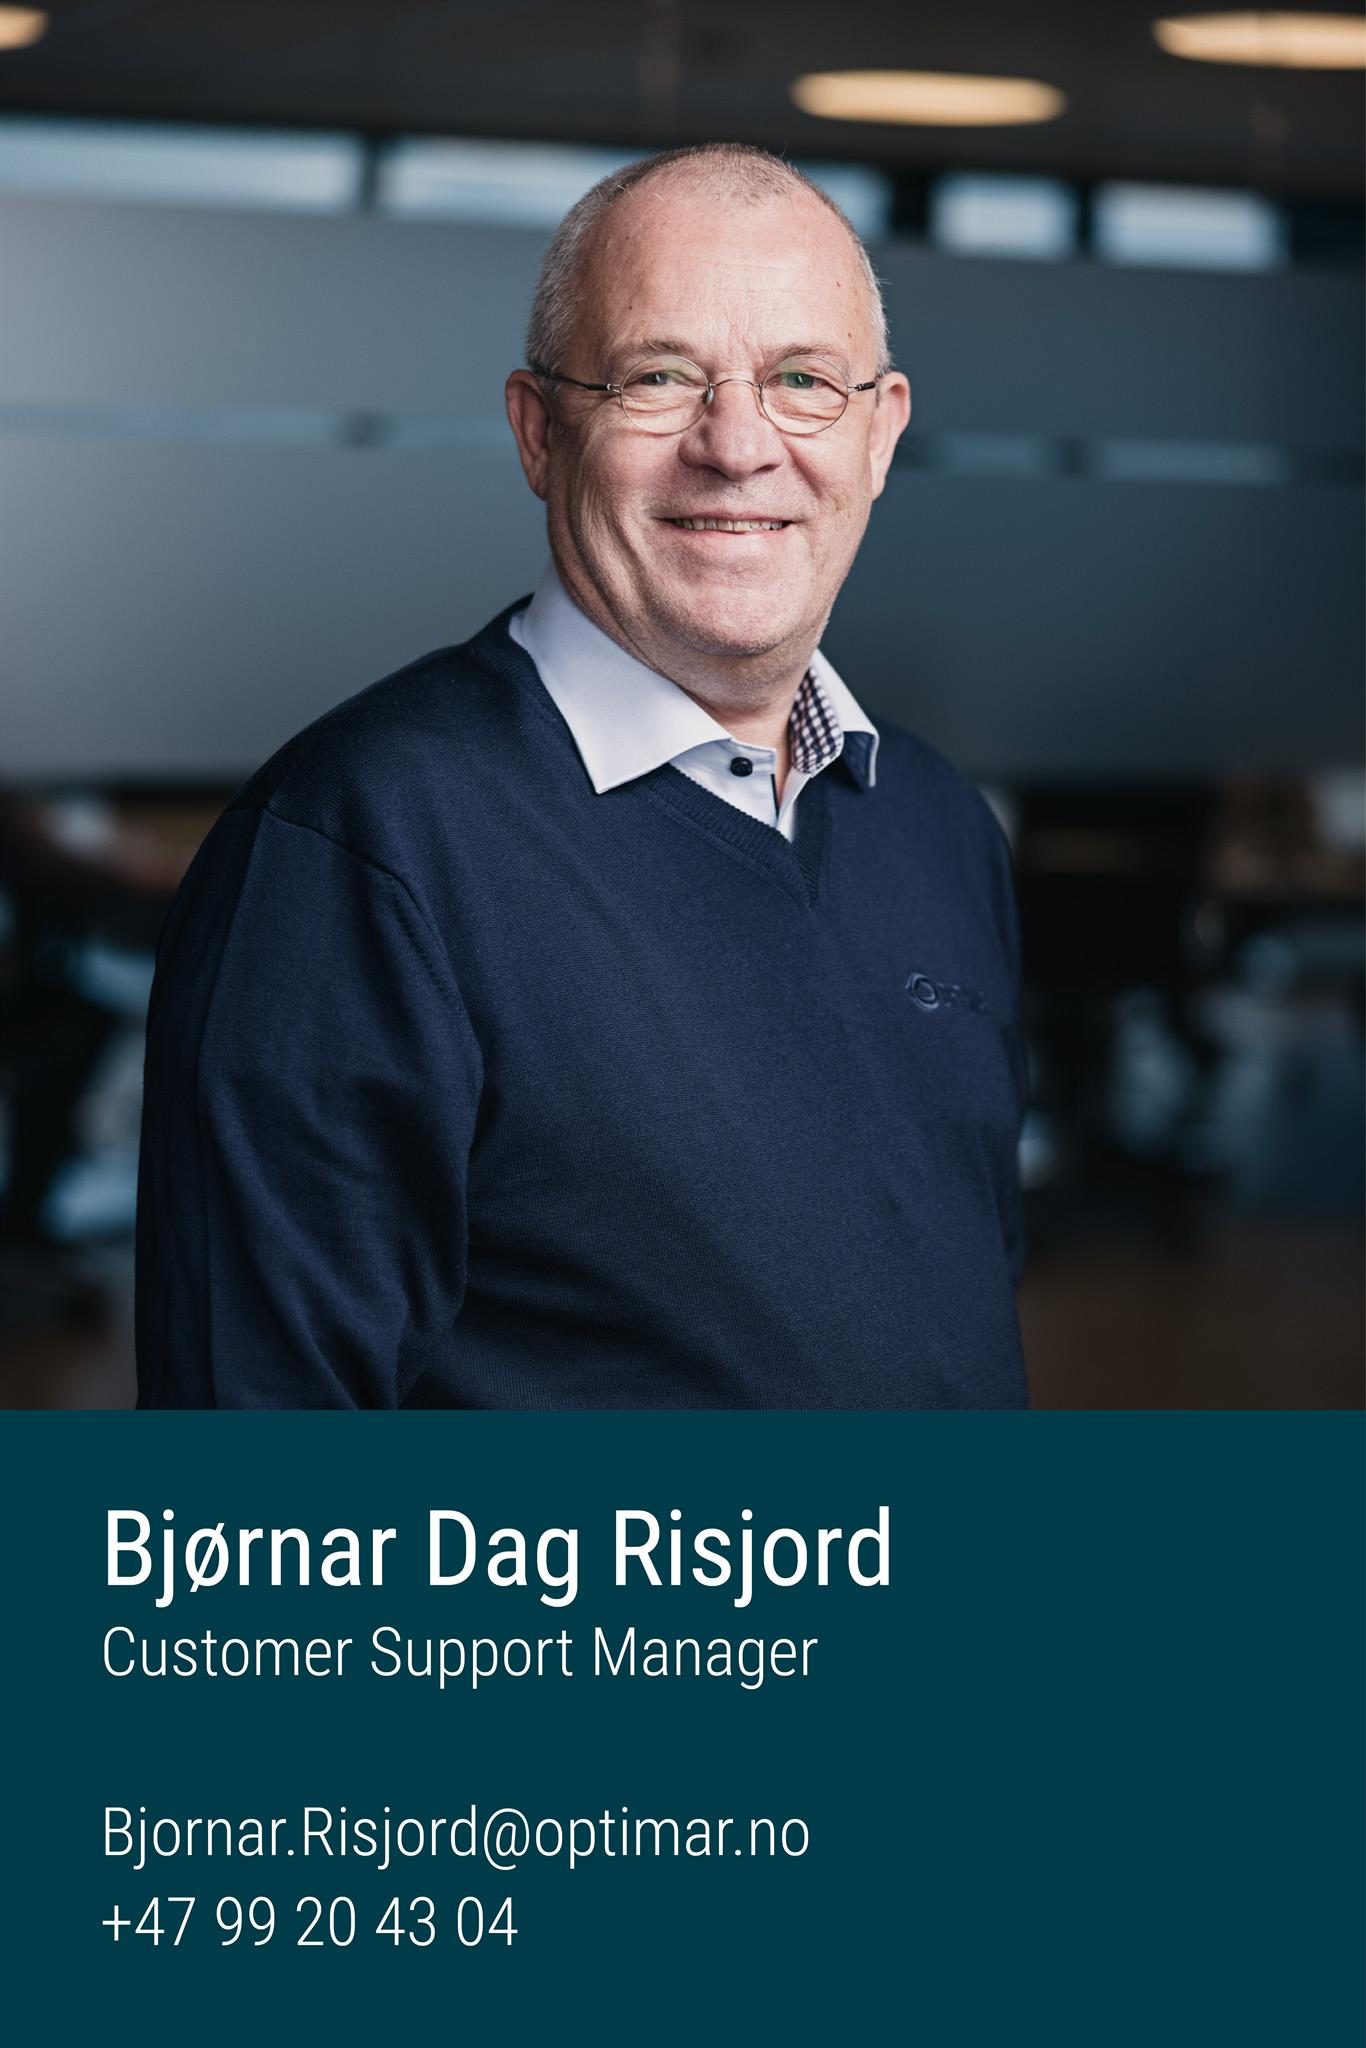 Bjørnar Dag Risjord